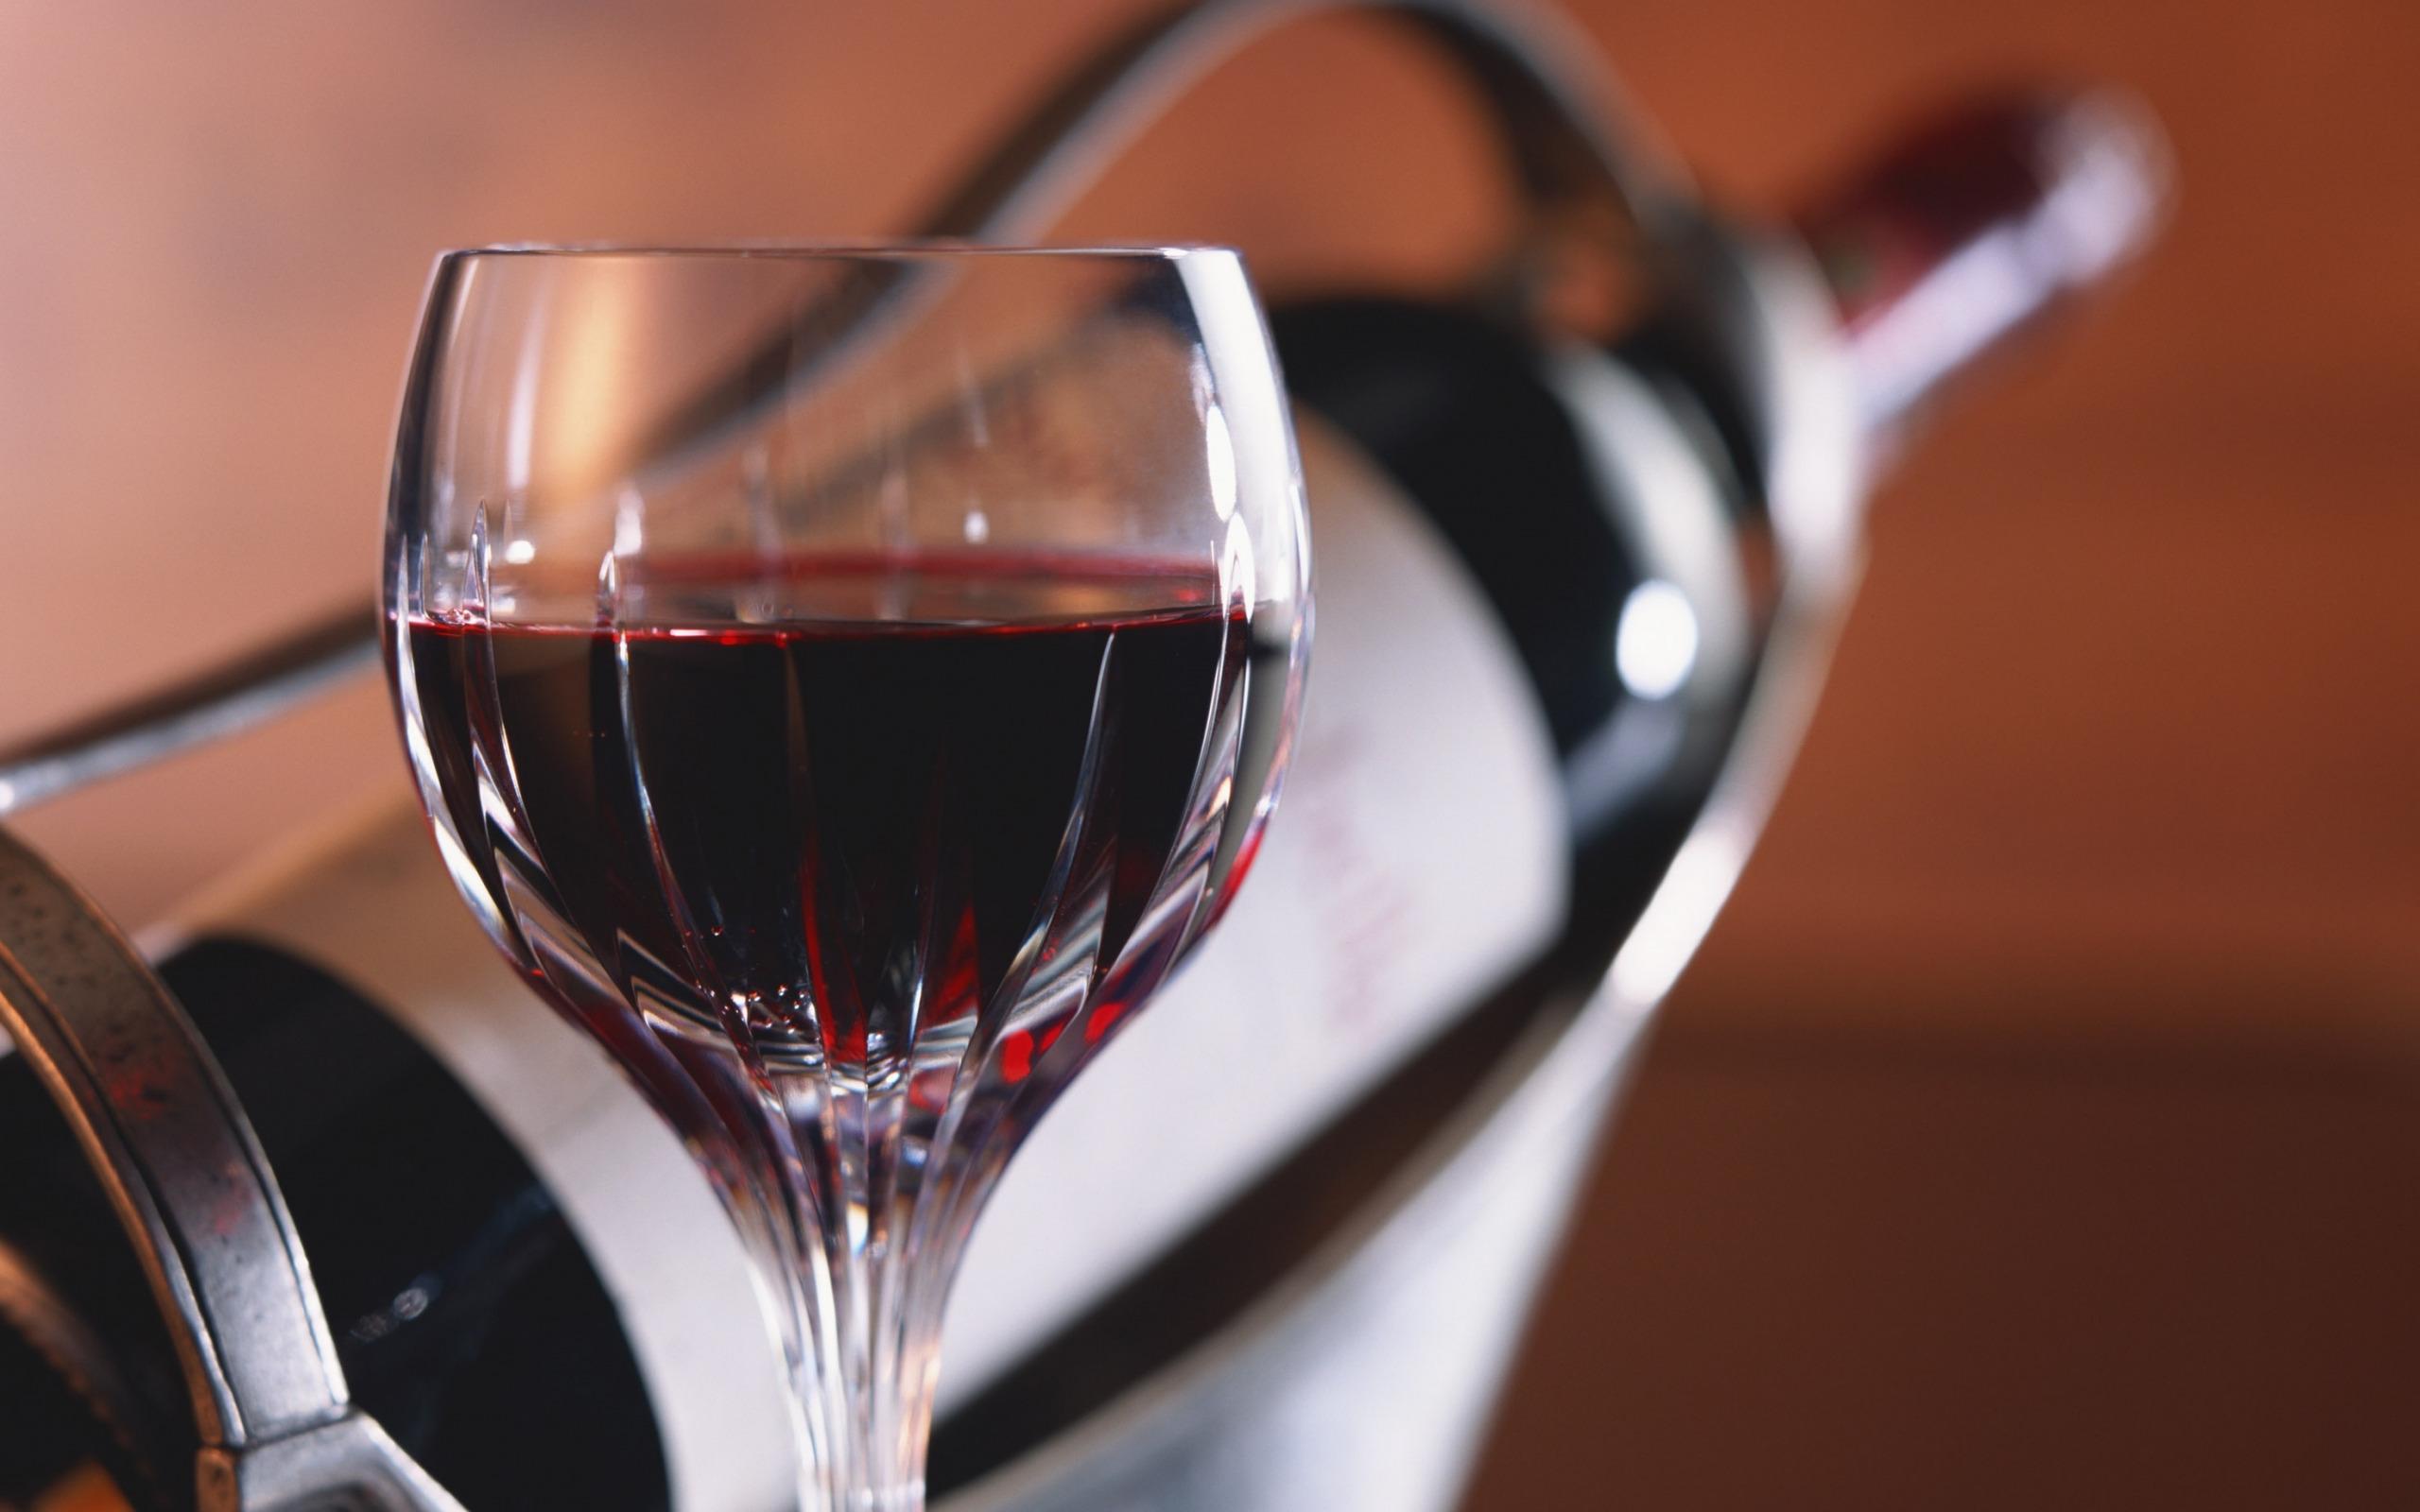 Красивые картинки с вином и бокалами, картинки смешные картинка